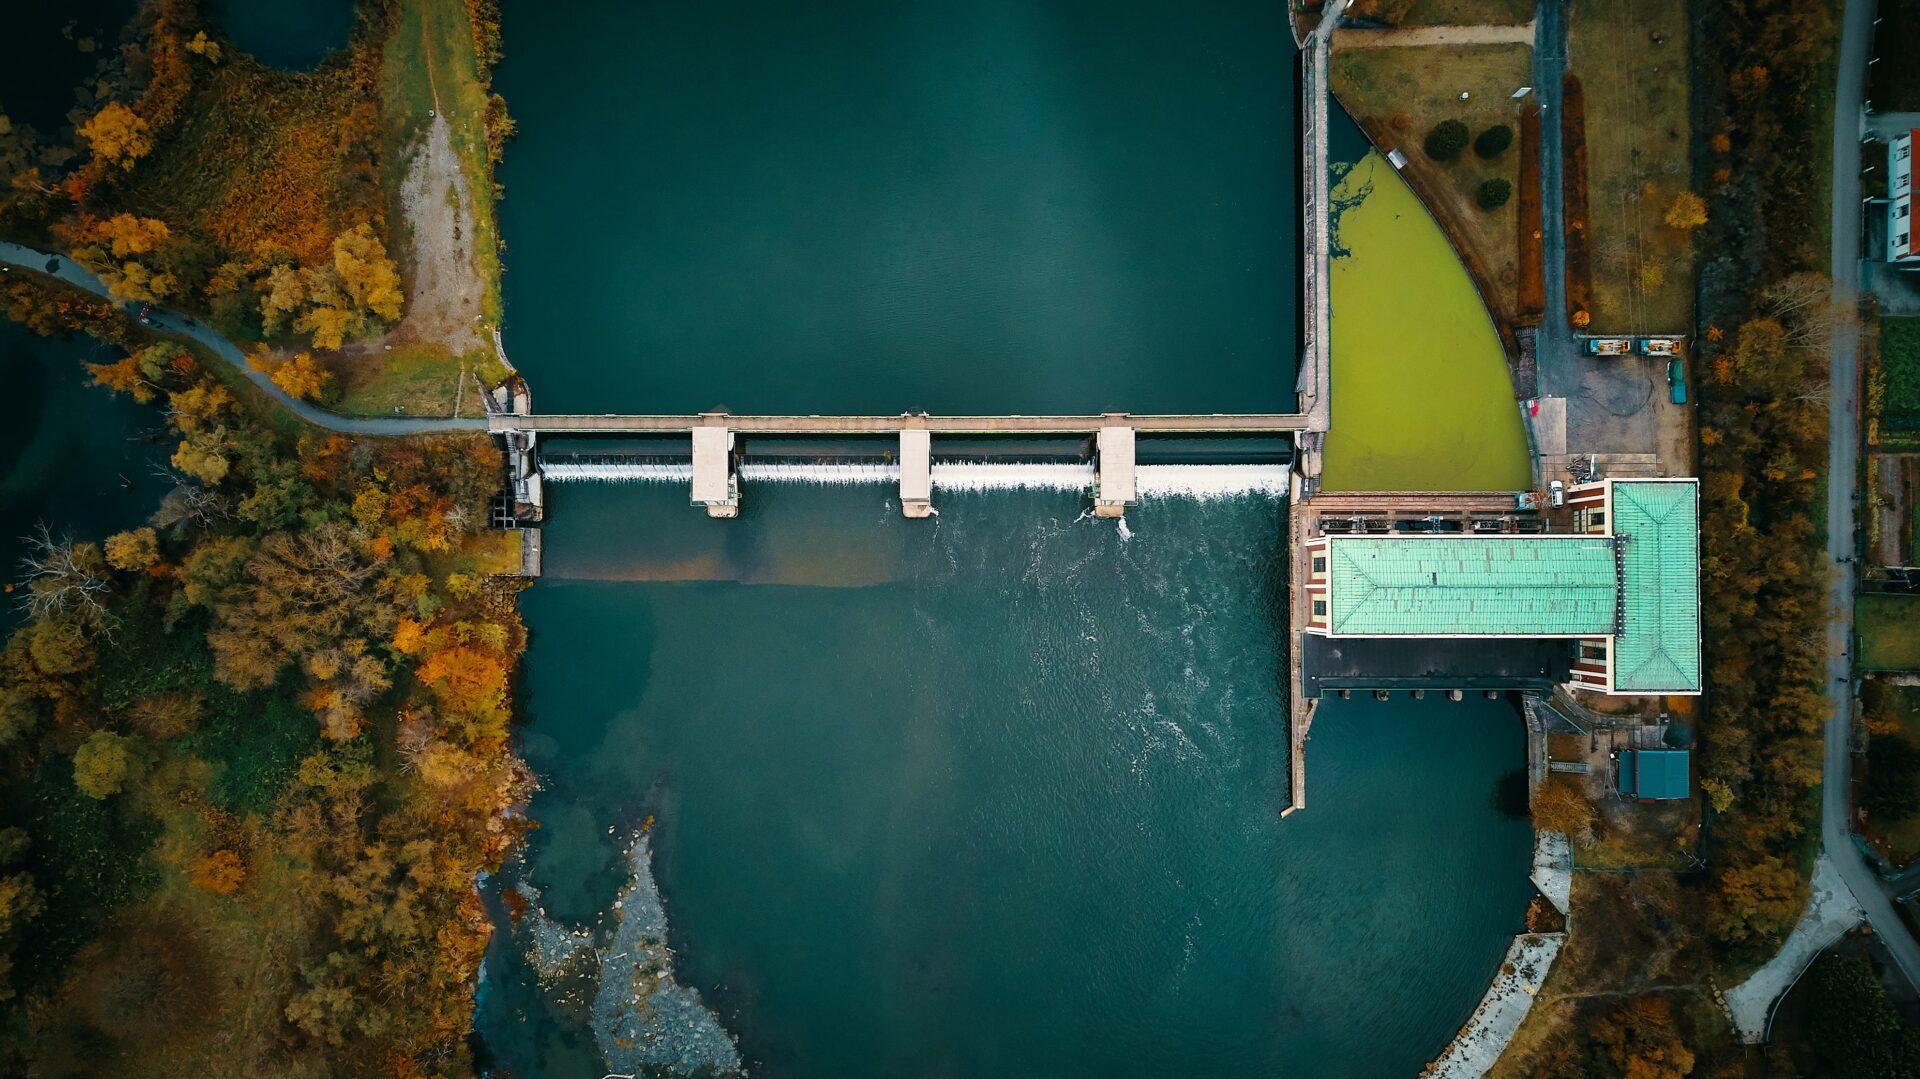 L'entreprise Visi'eau drone intervient pour les missions d'inspections de barrages en France et les Missions de levée de doute en région Rhône-Alpes.